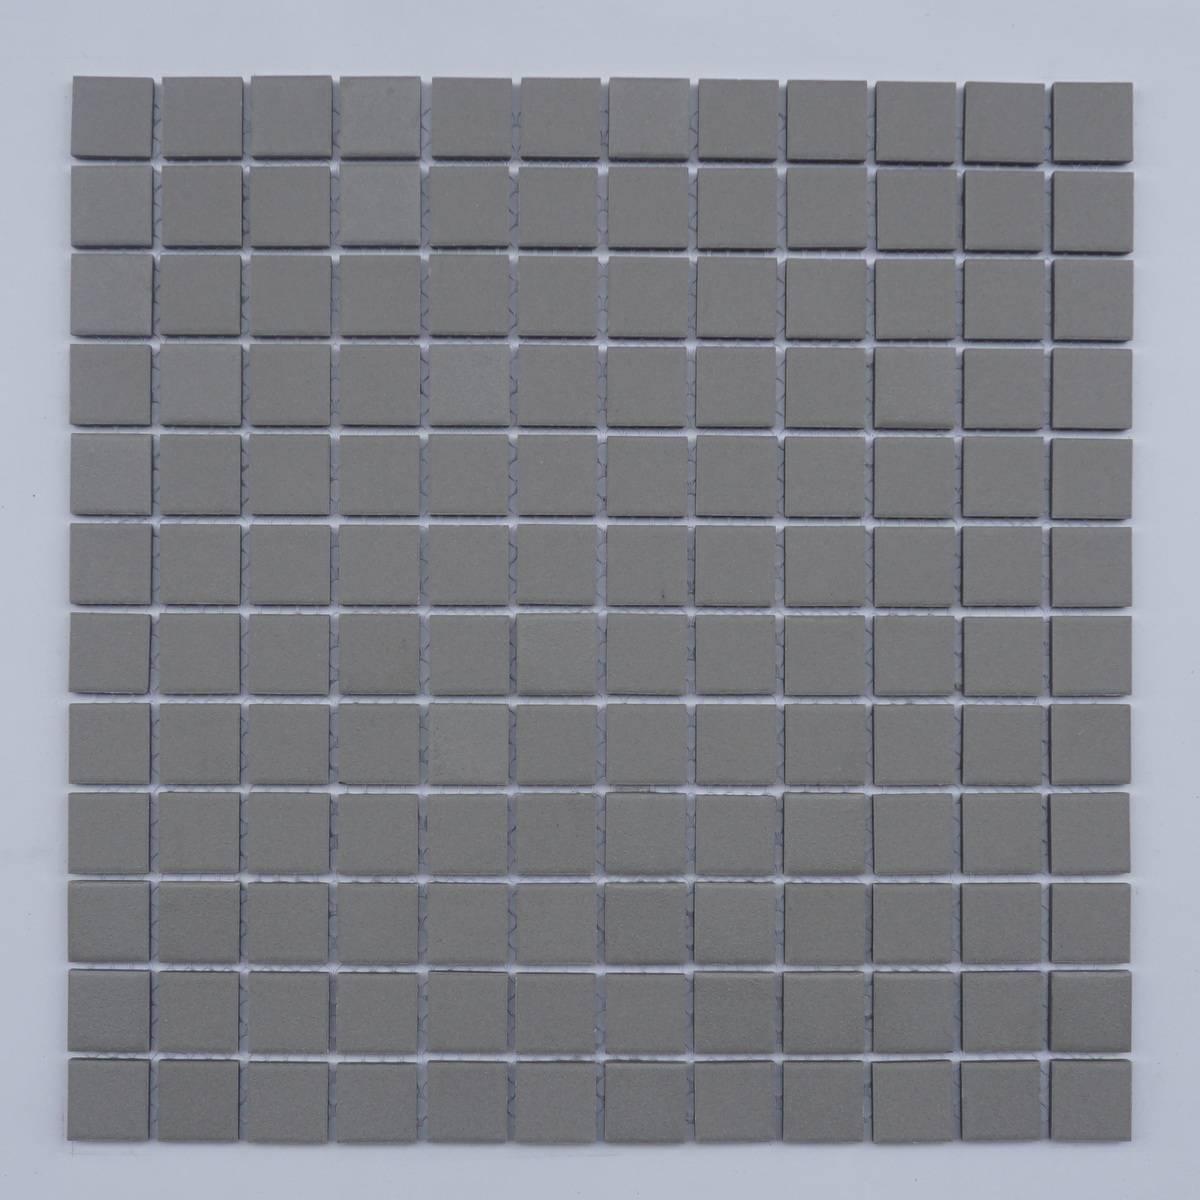 RUN0423